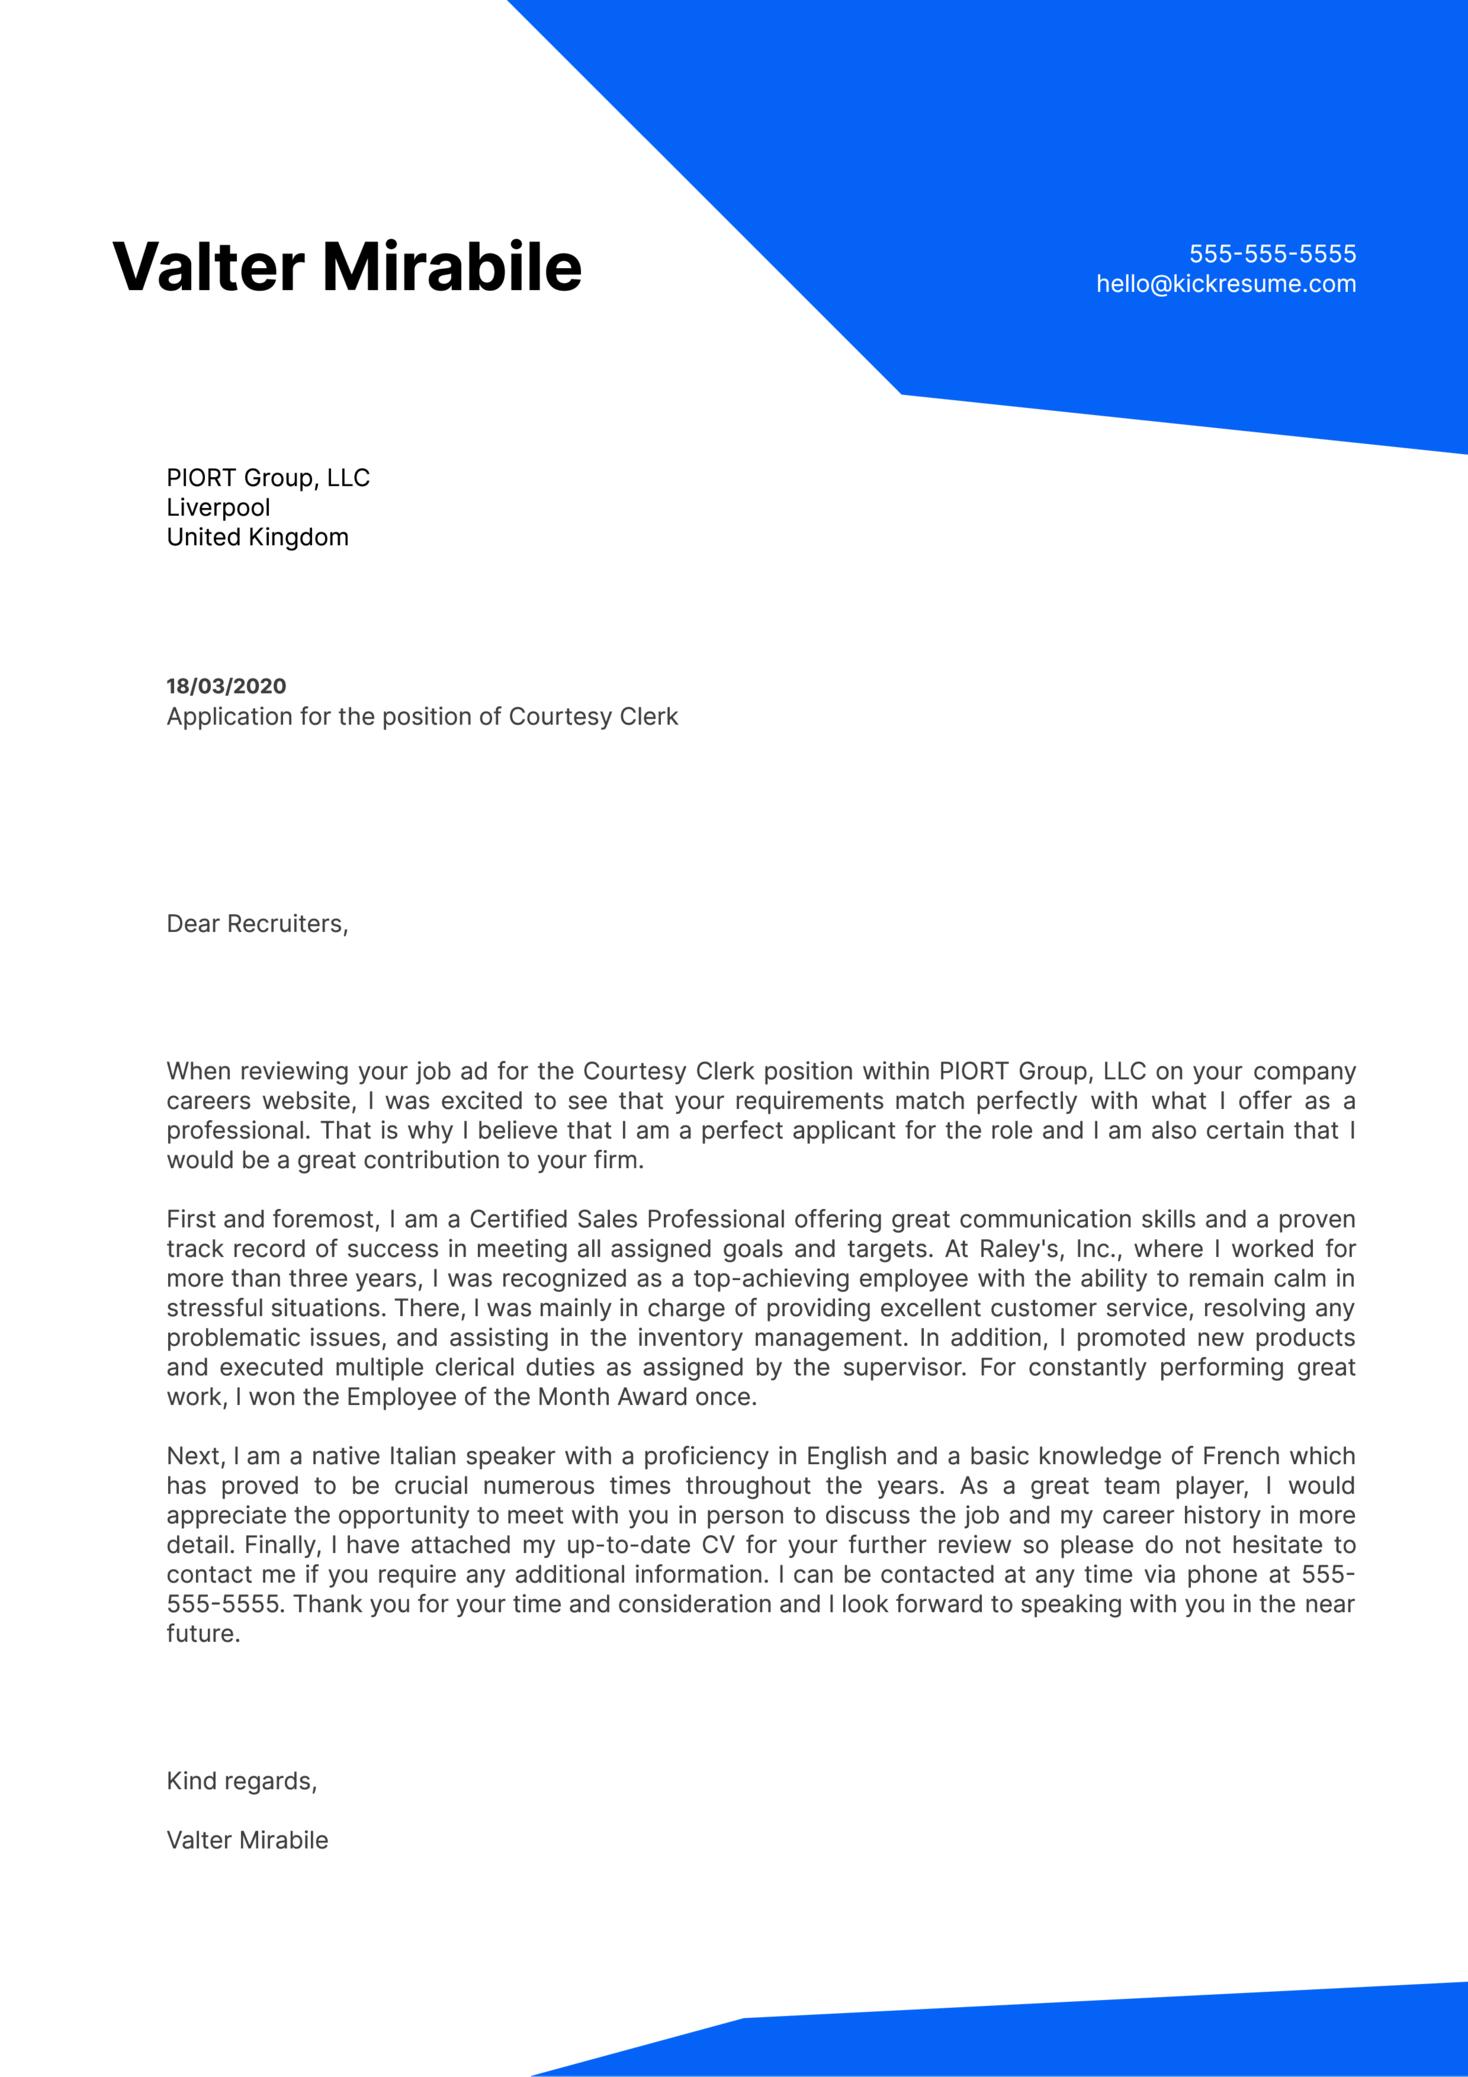 Courtesy Clerk Cover Letter Sample